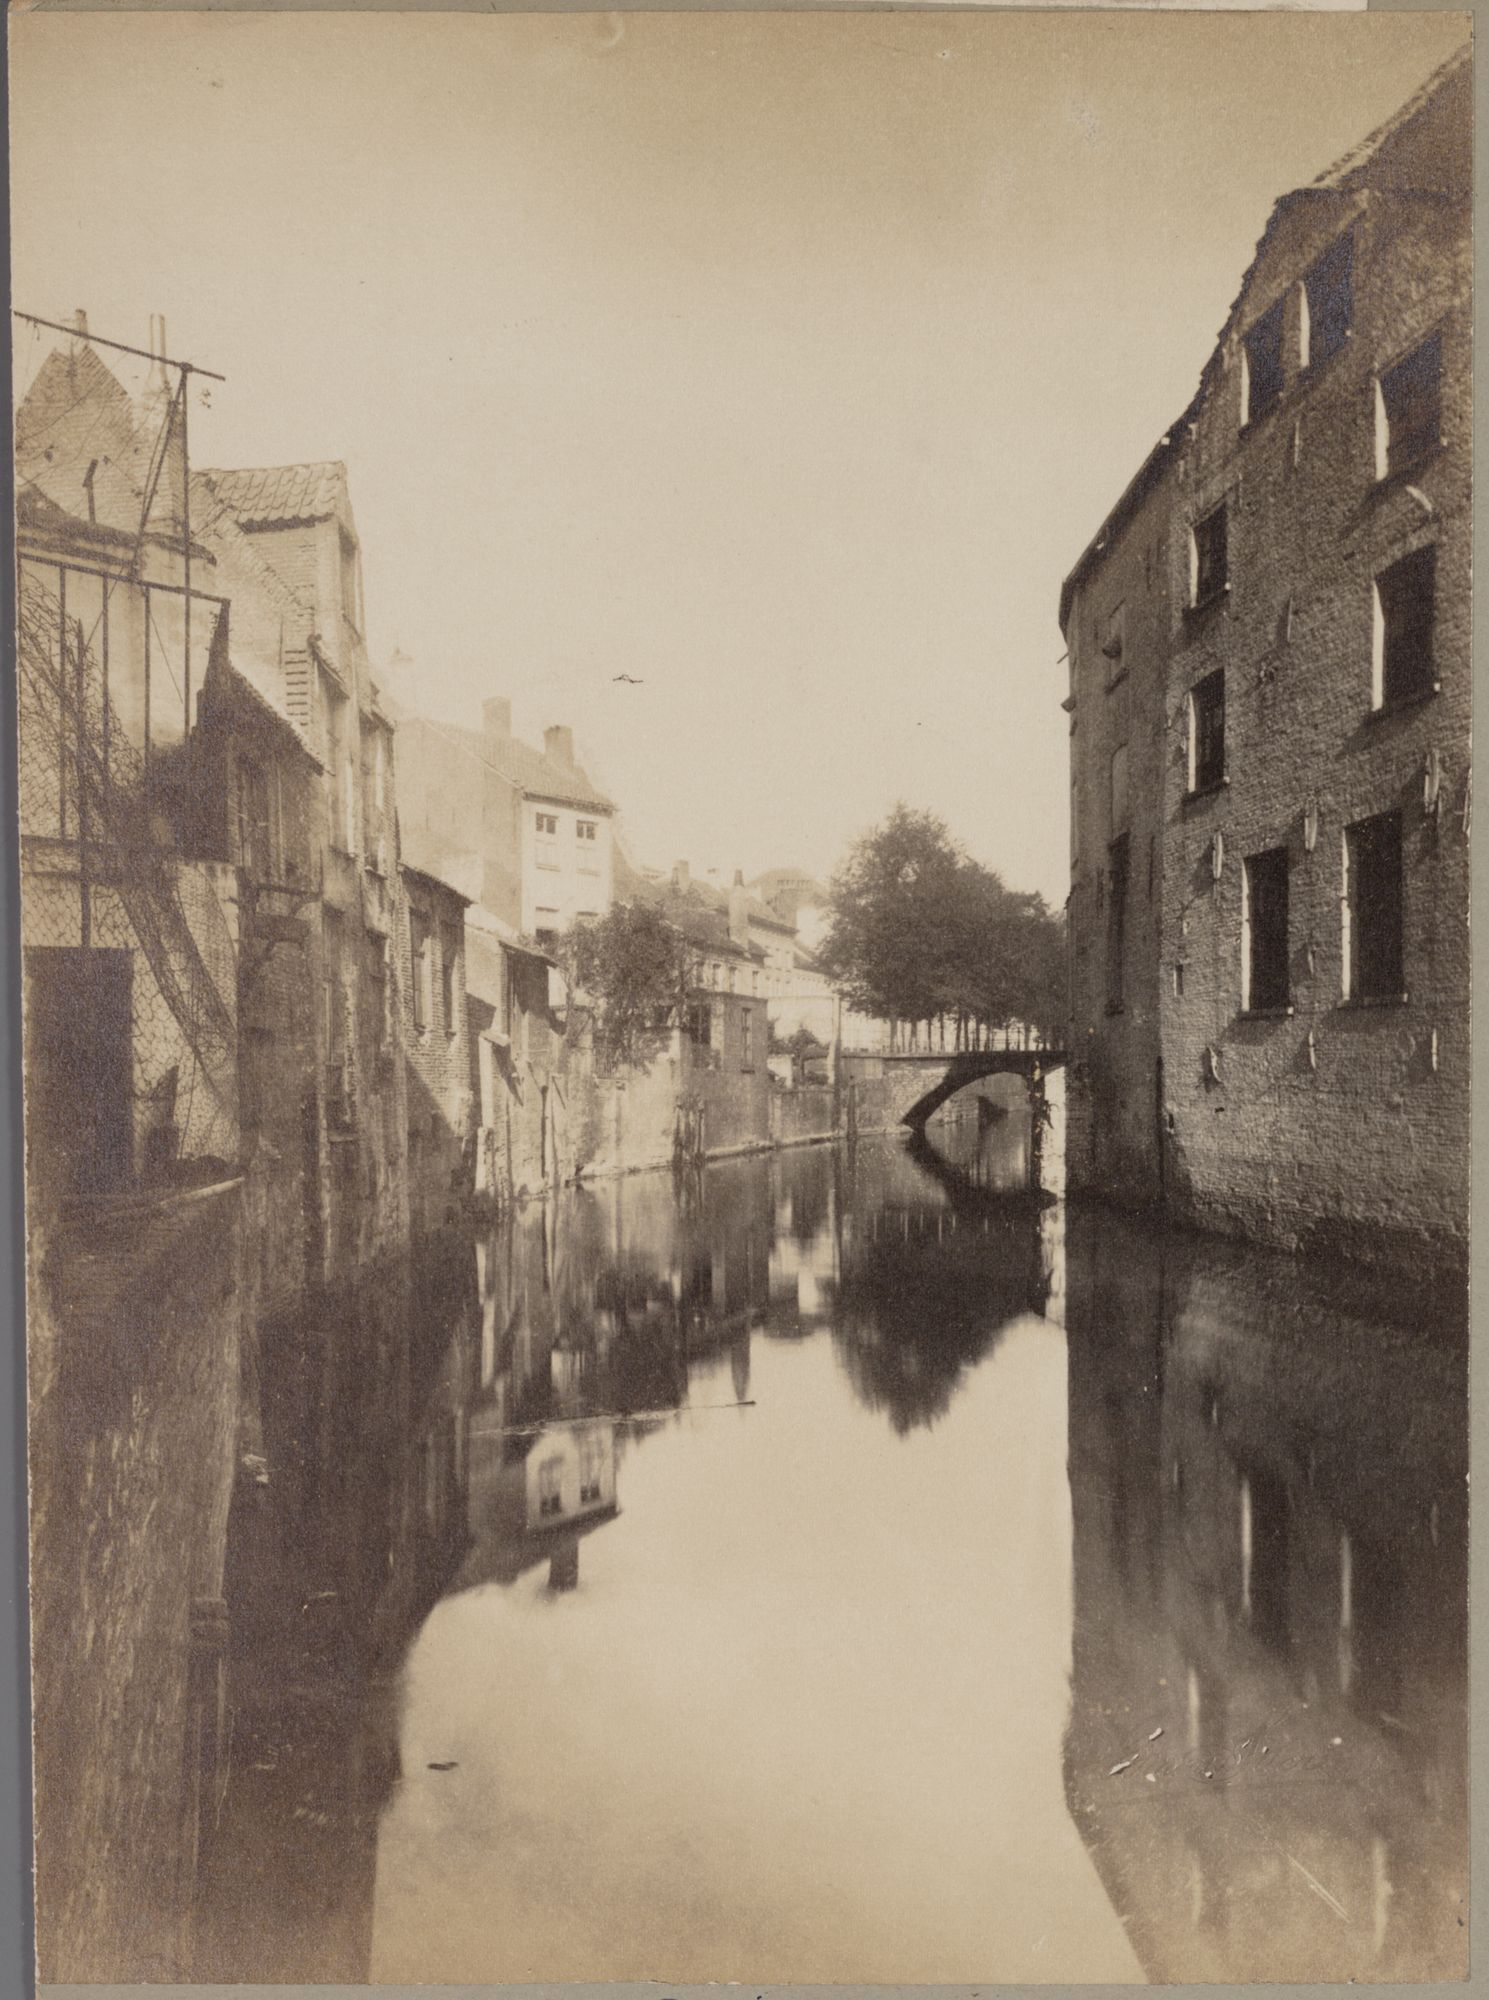 Gent: Oude Houtlei voor de demping